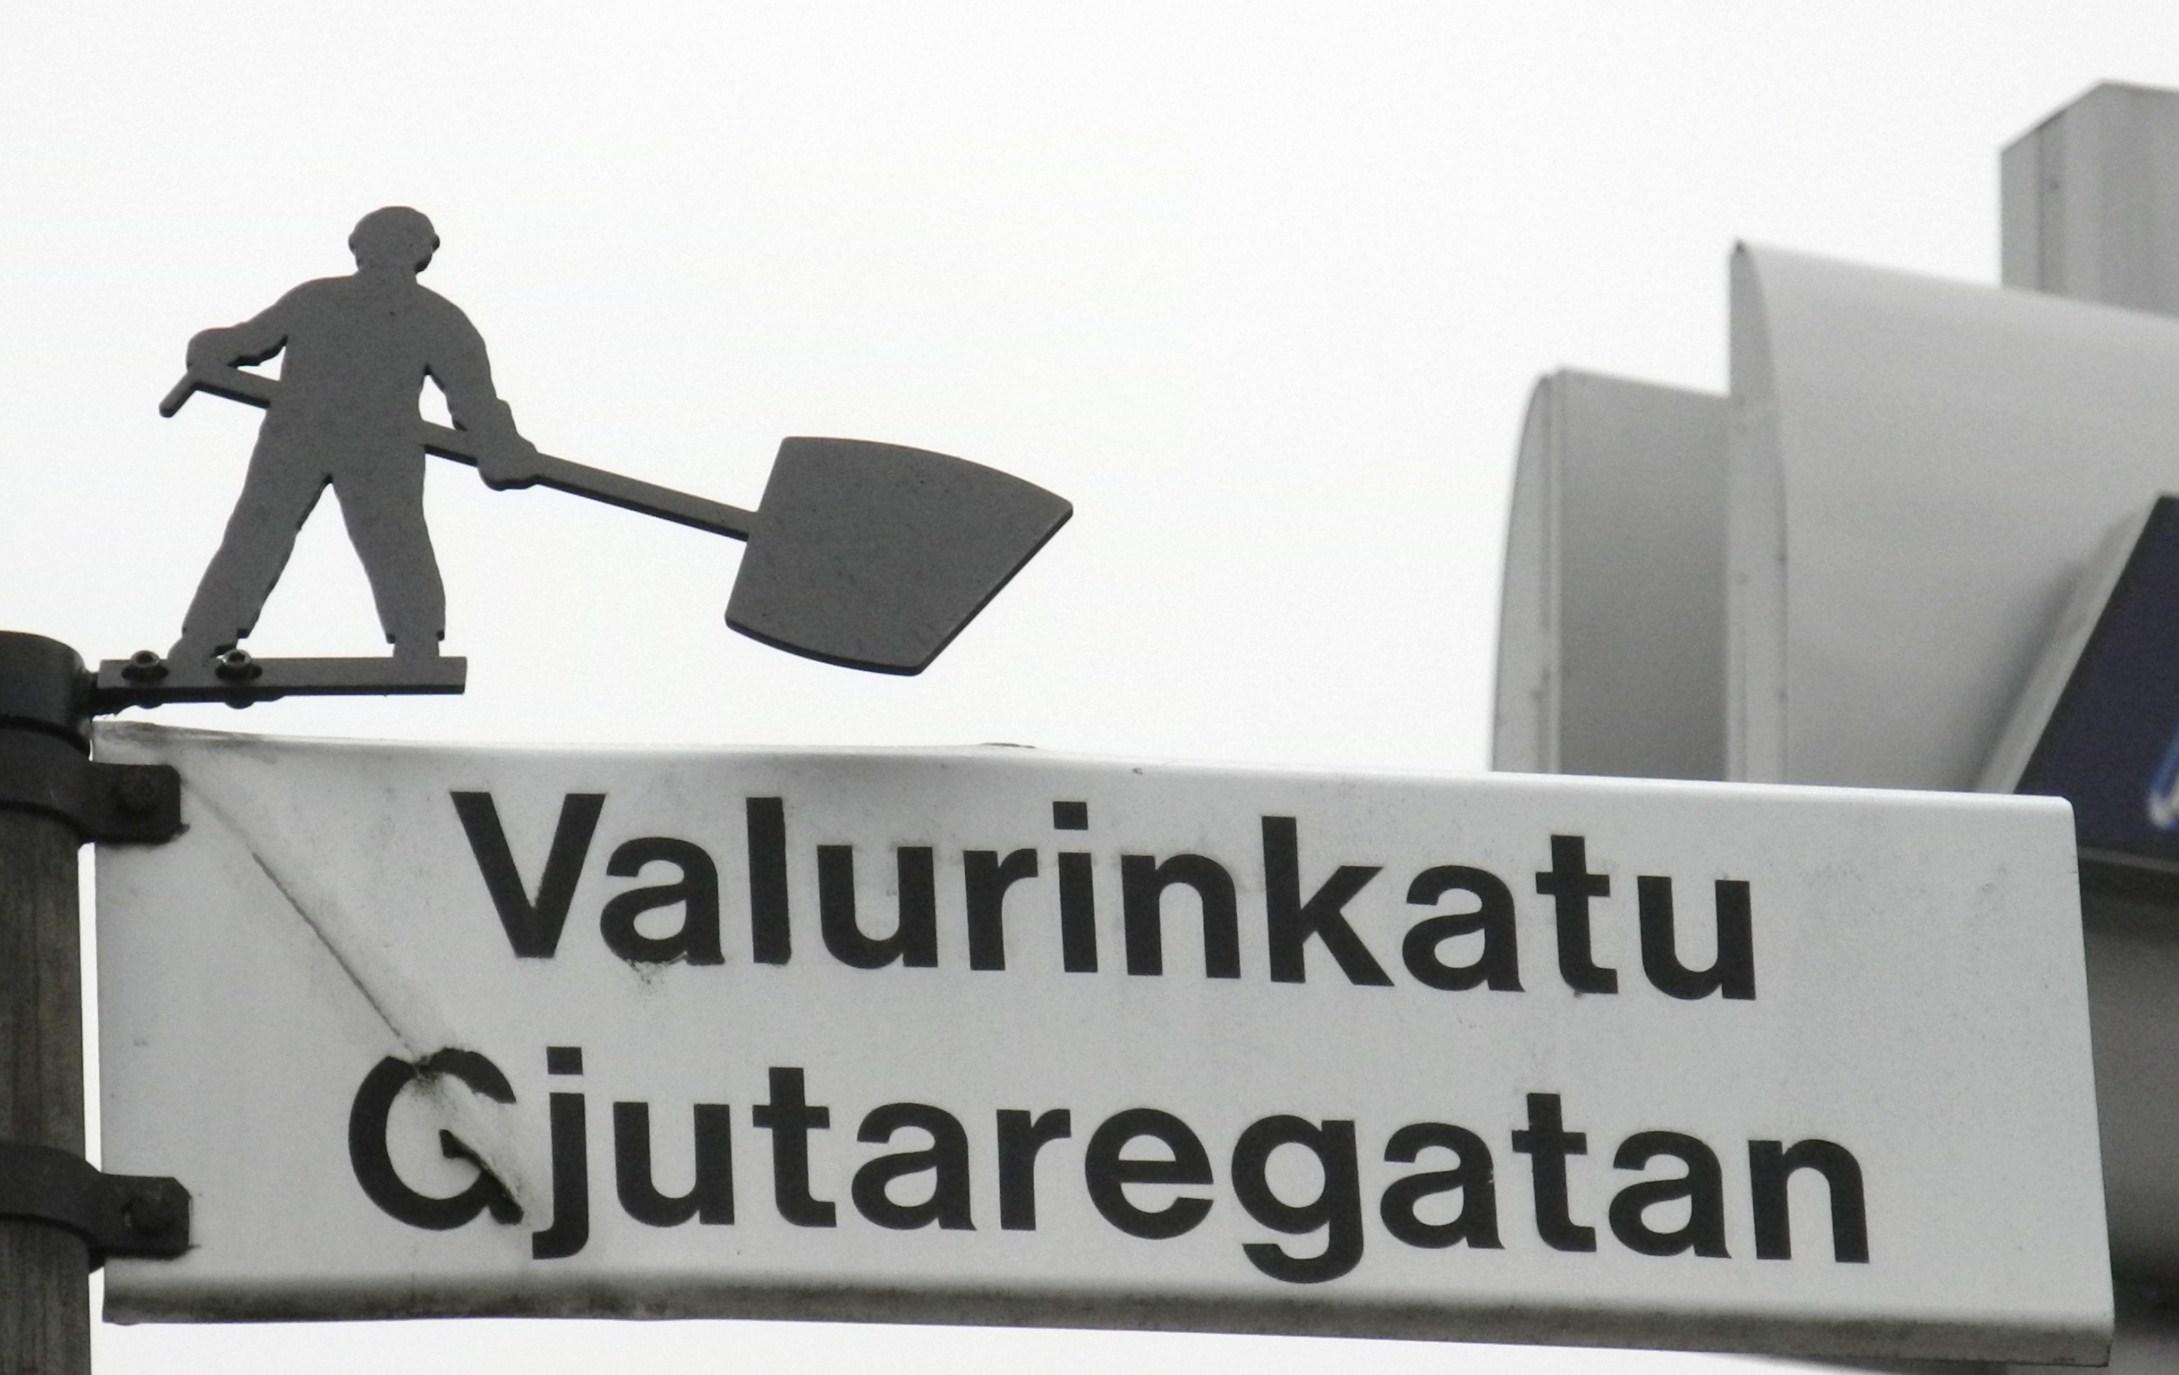 070 Duunarit